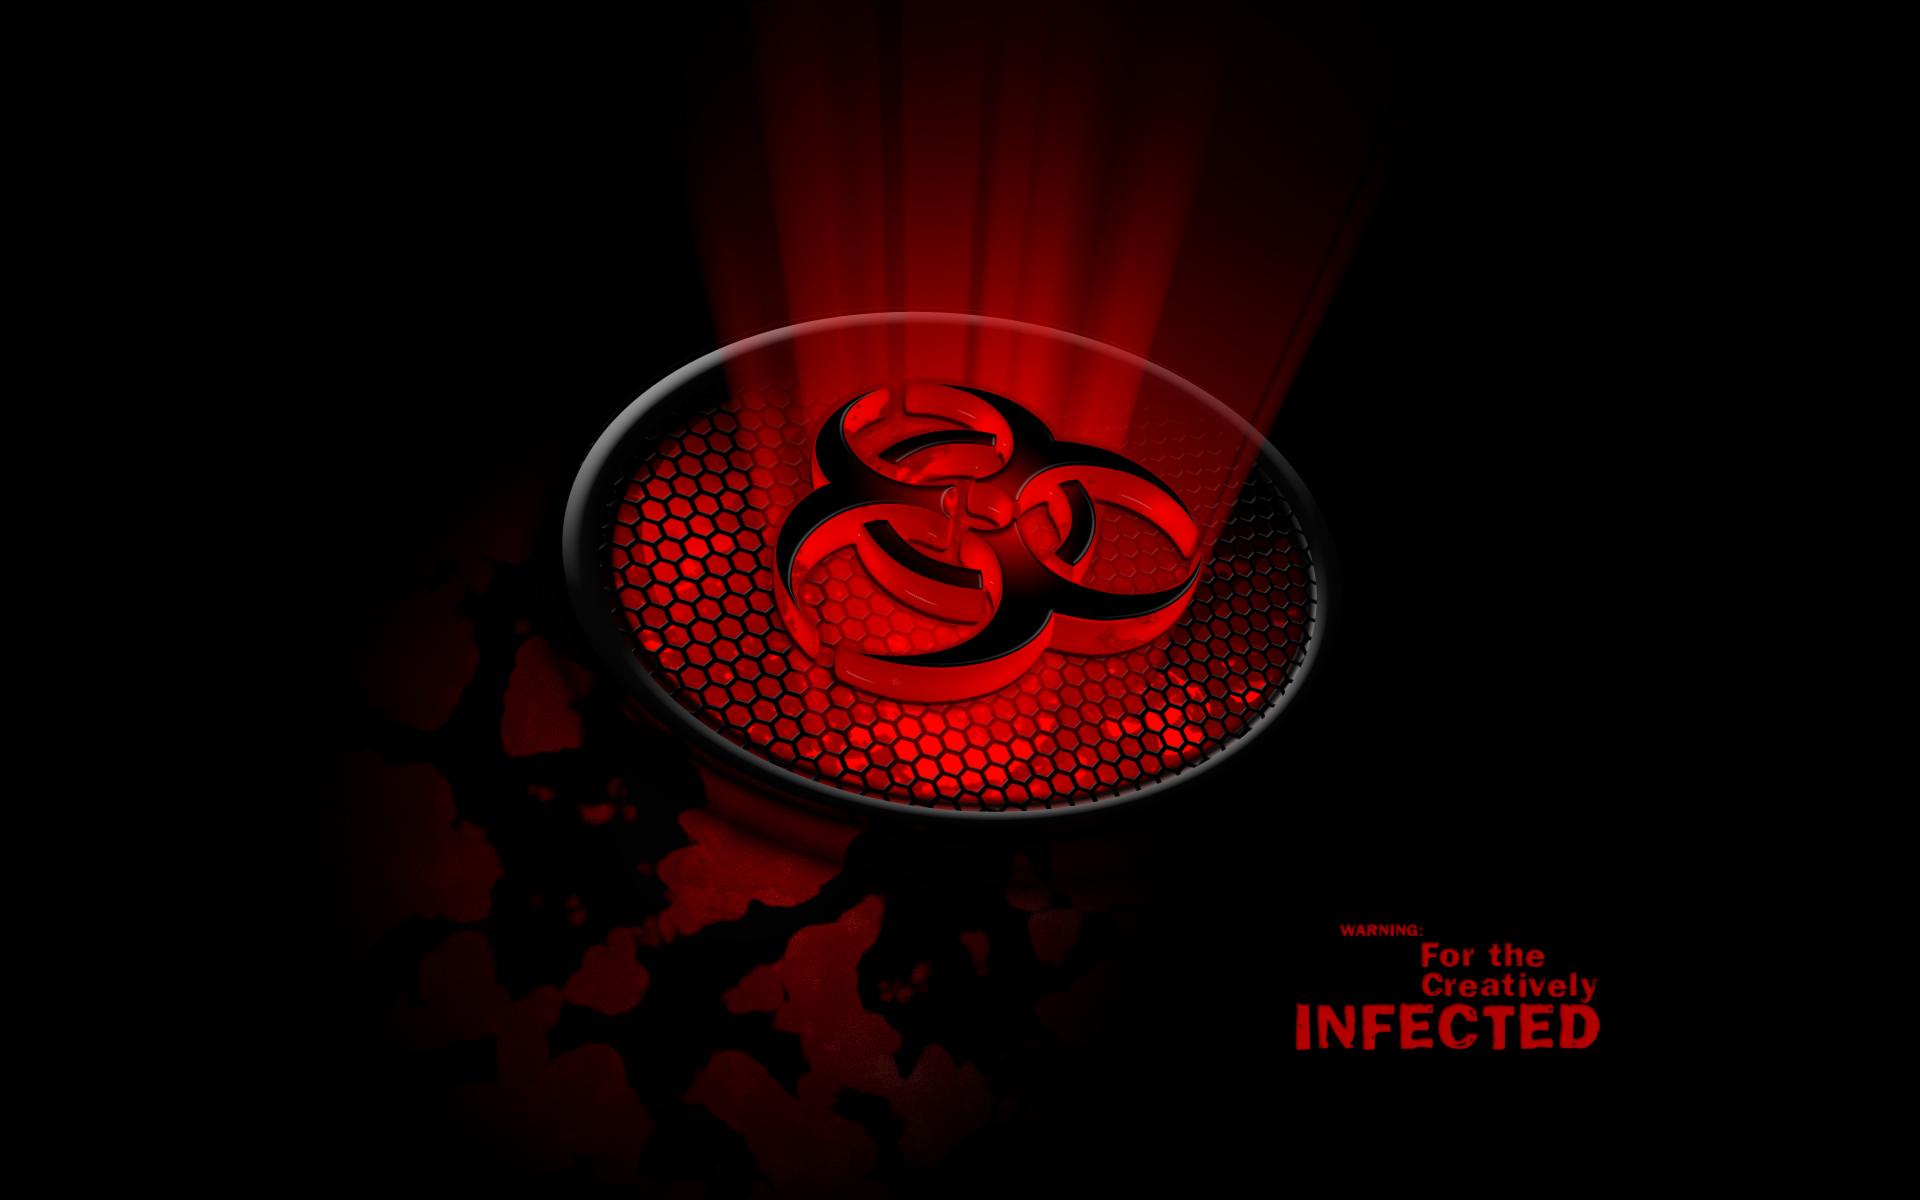 Biohazard Wallpaper by Ulisse1 on DeviantArt